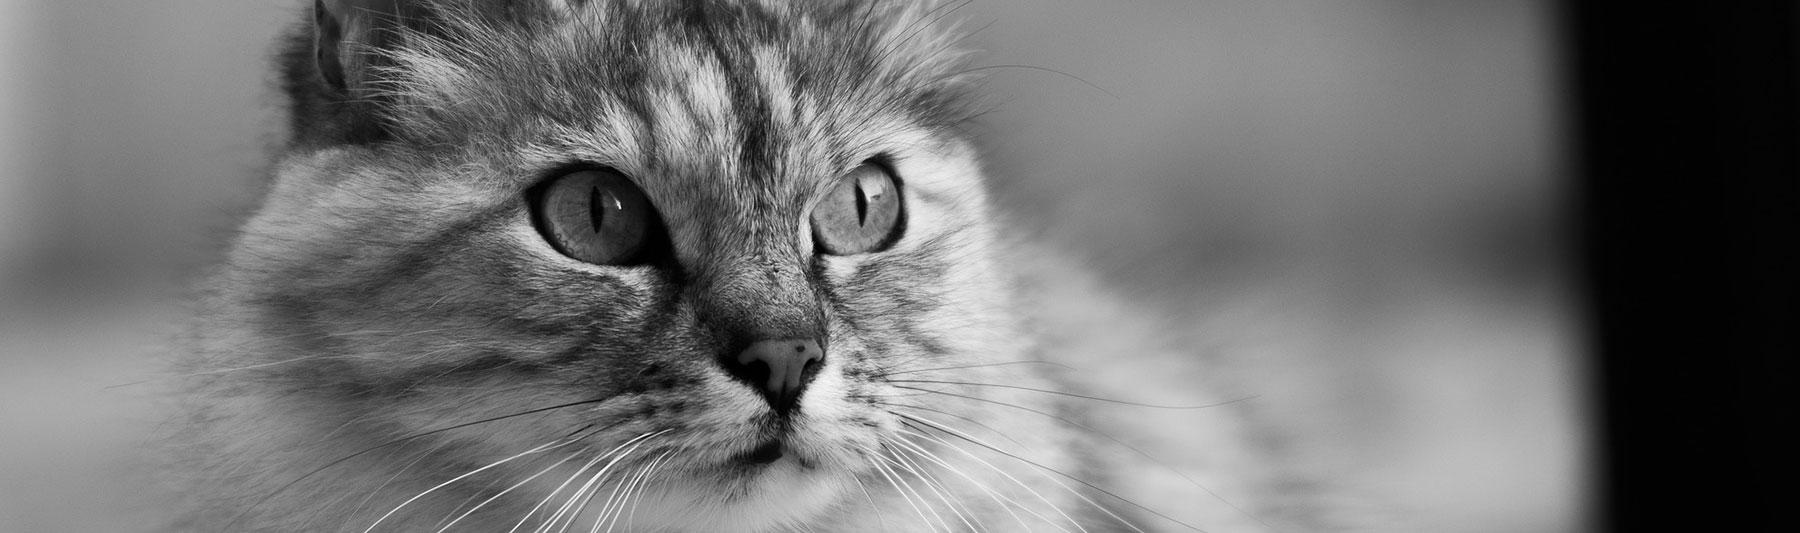 Bestattung von Katzen